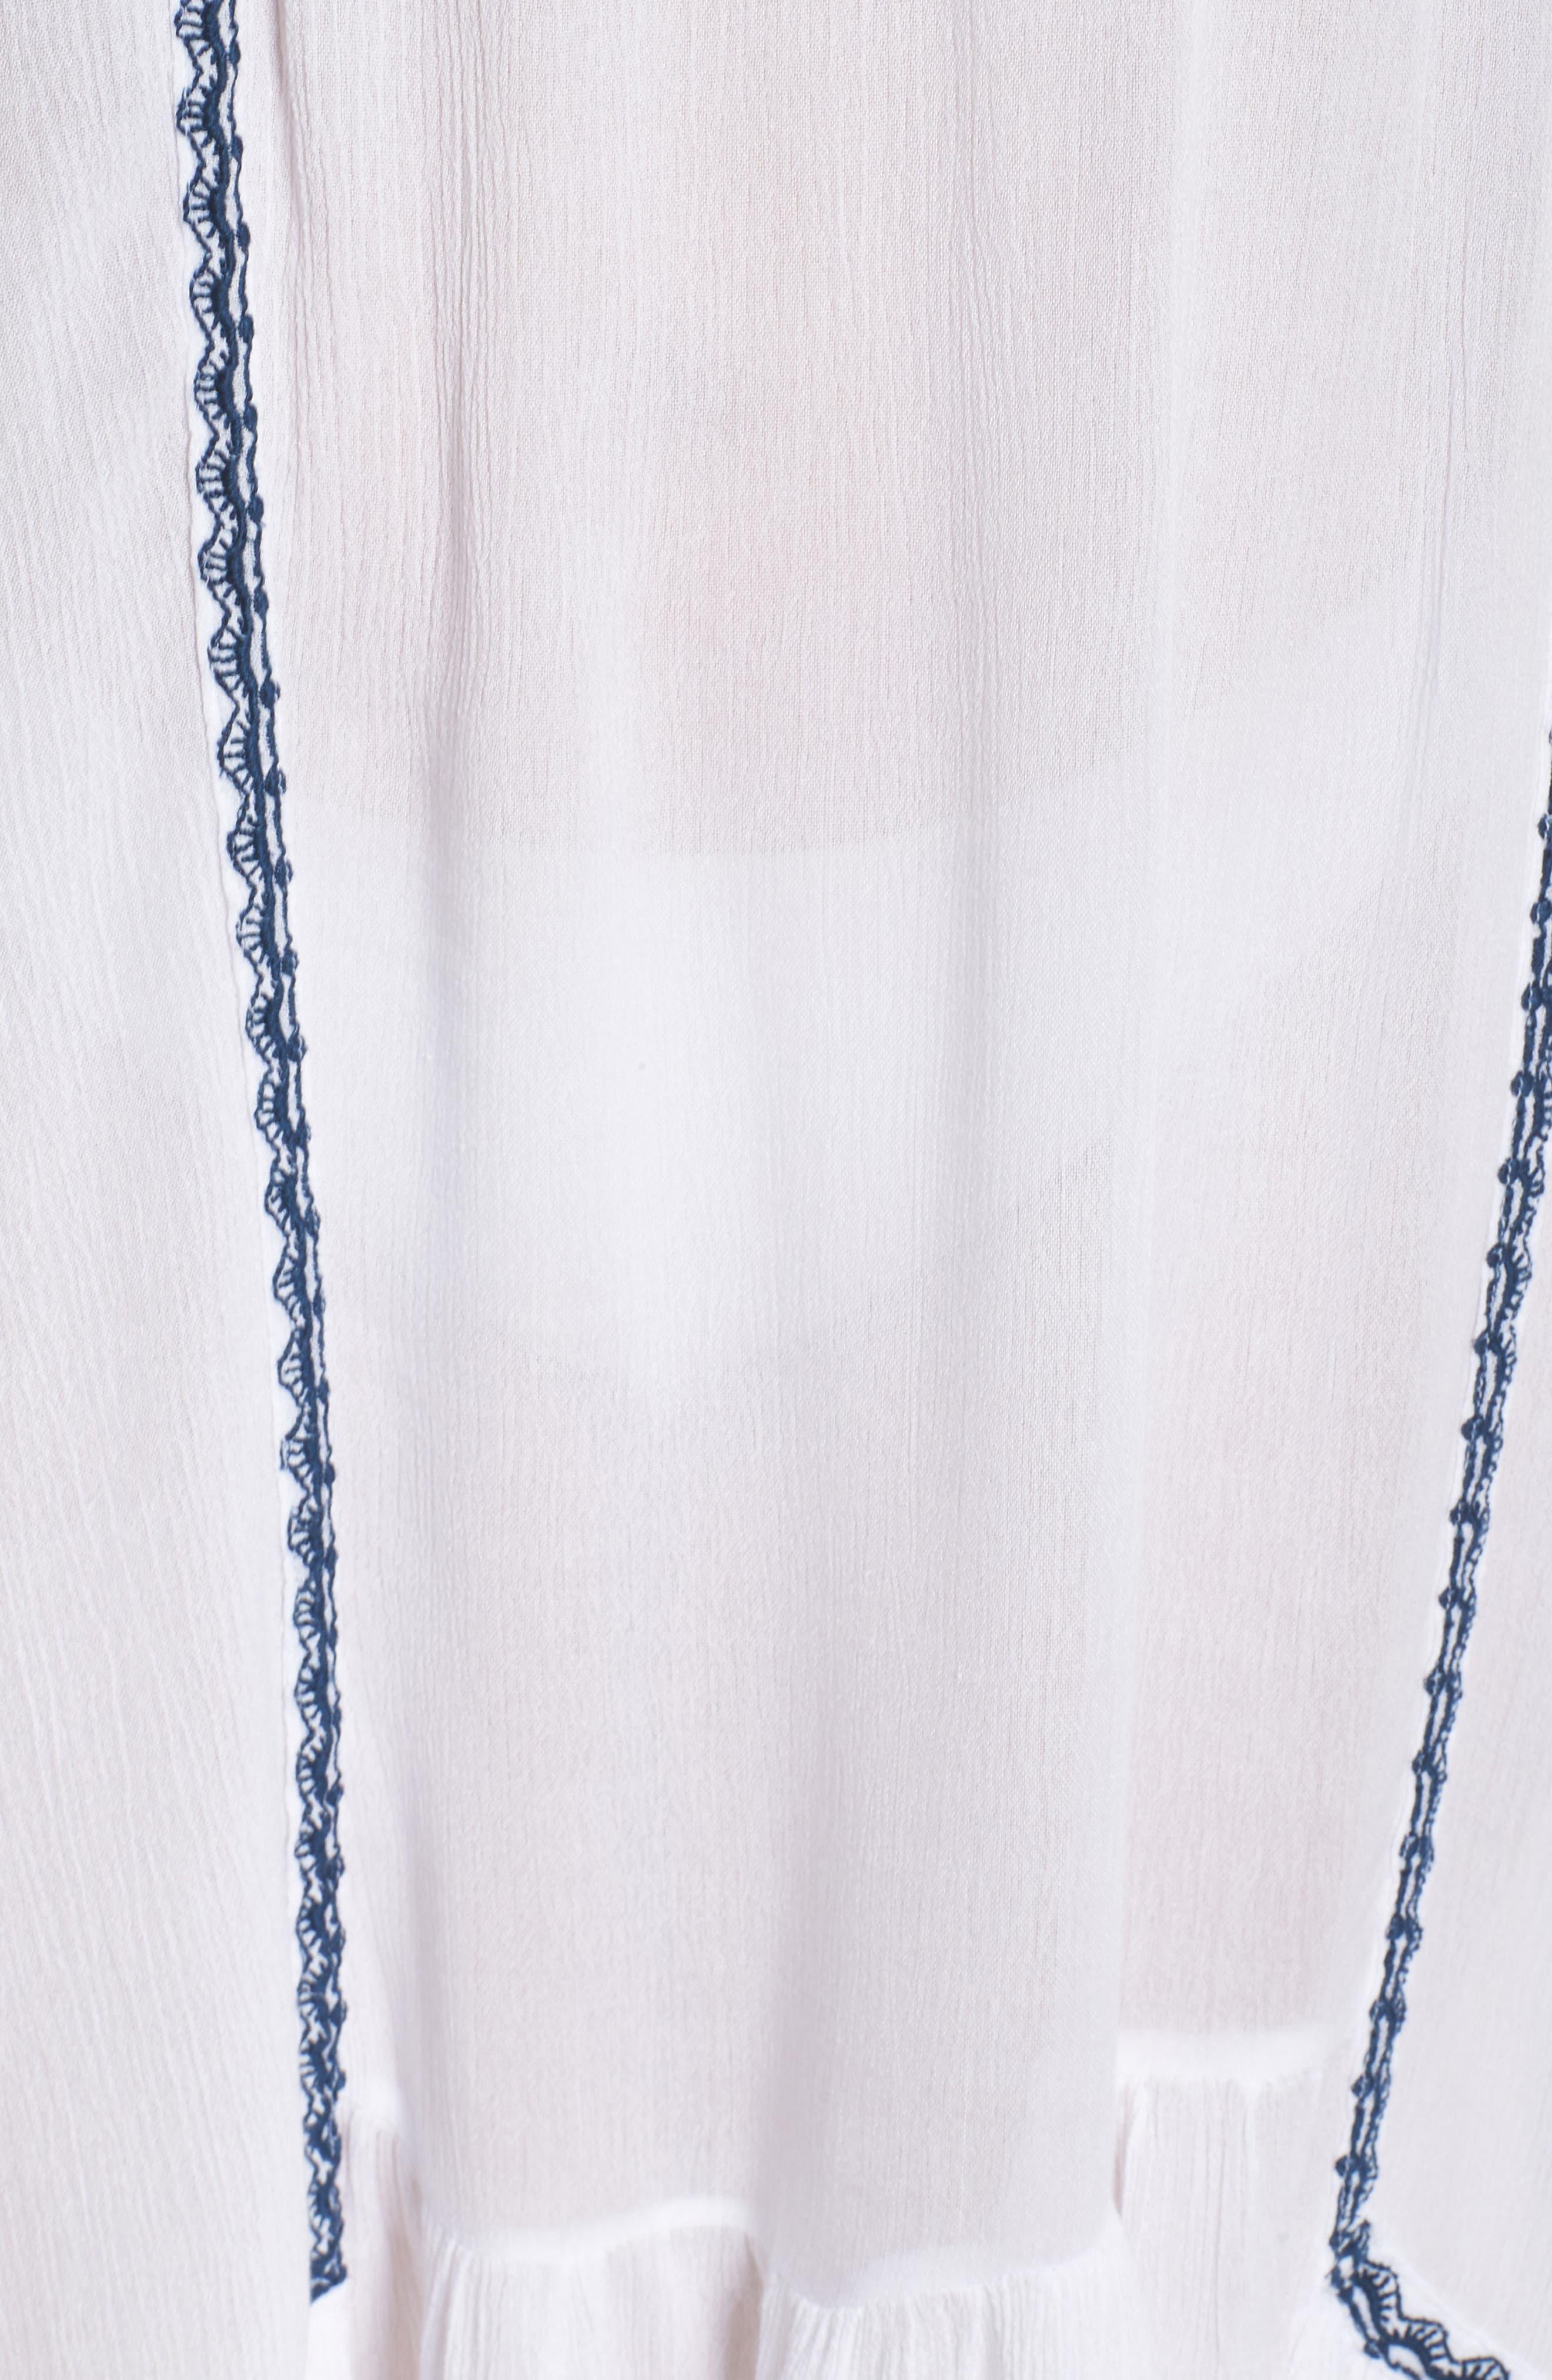 Gavin One-Shoulder Cover-Up Dress,                             Alternate thumbnail 5, color,                             White/ Navy